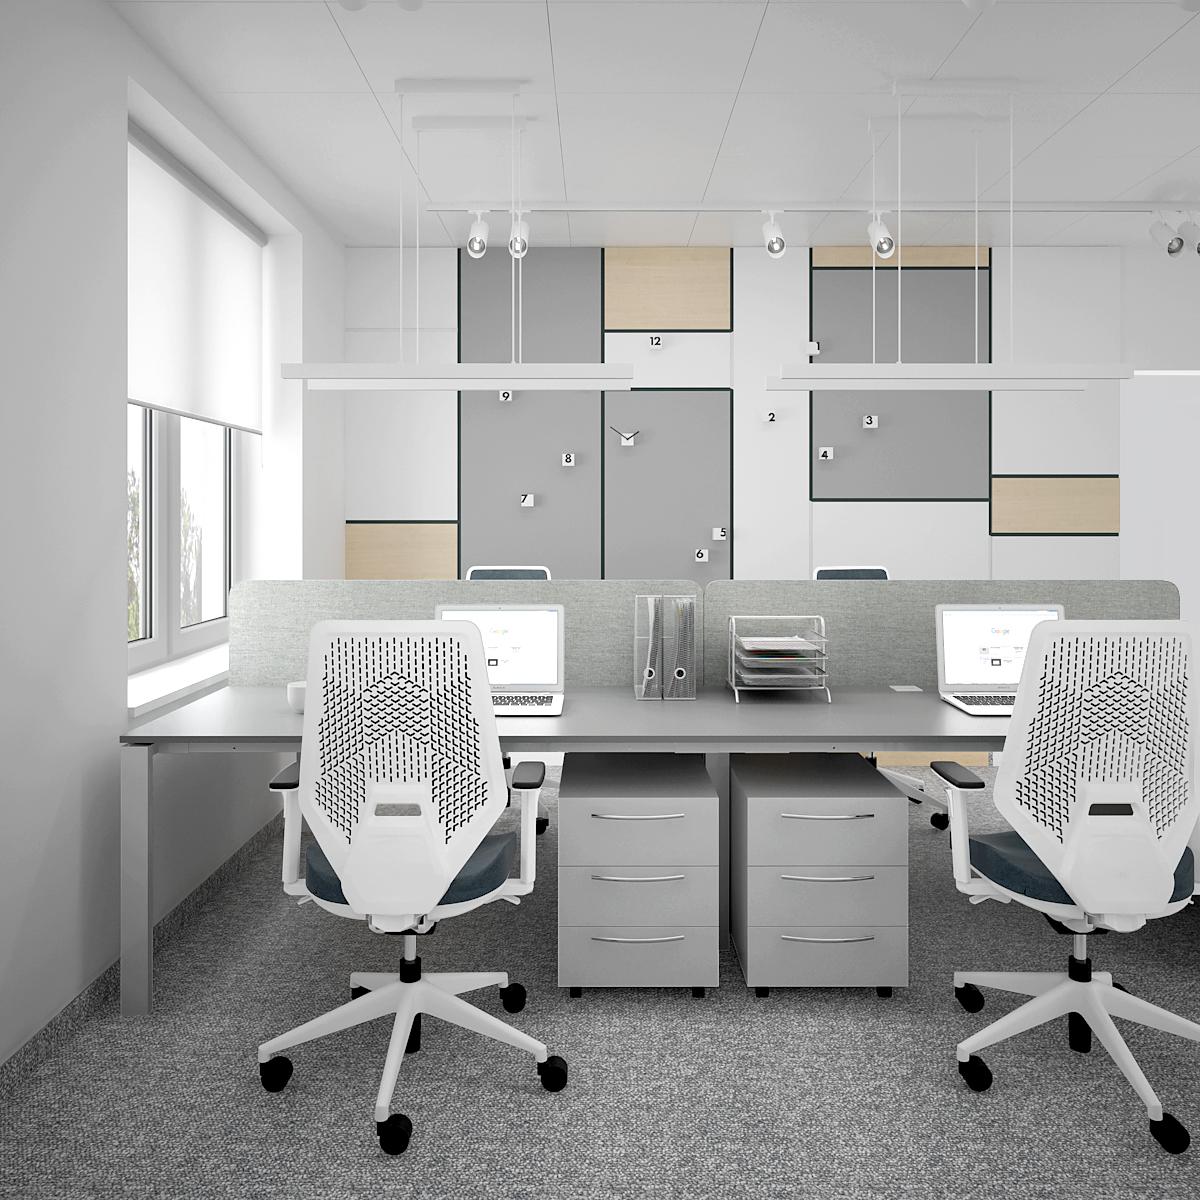 6 aranzacja biura B128 biuro krakow stanowiska pracy nowoczesne ergonomiczne fotele szare biurka kontenertki panele na scianach